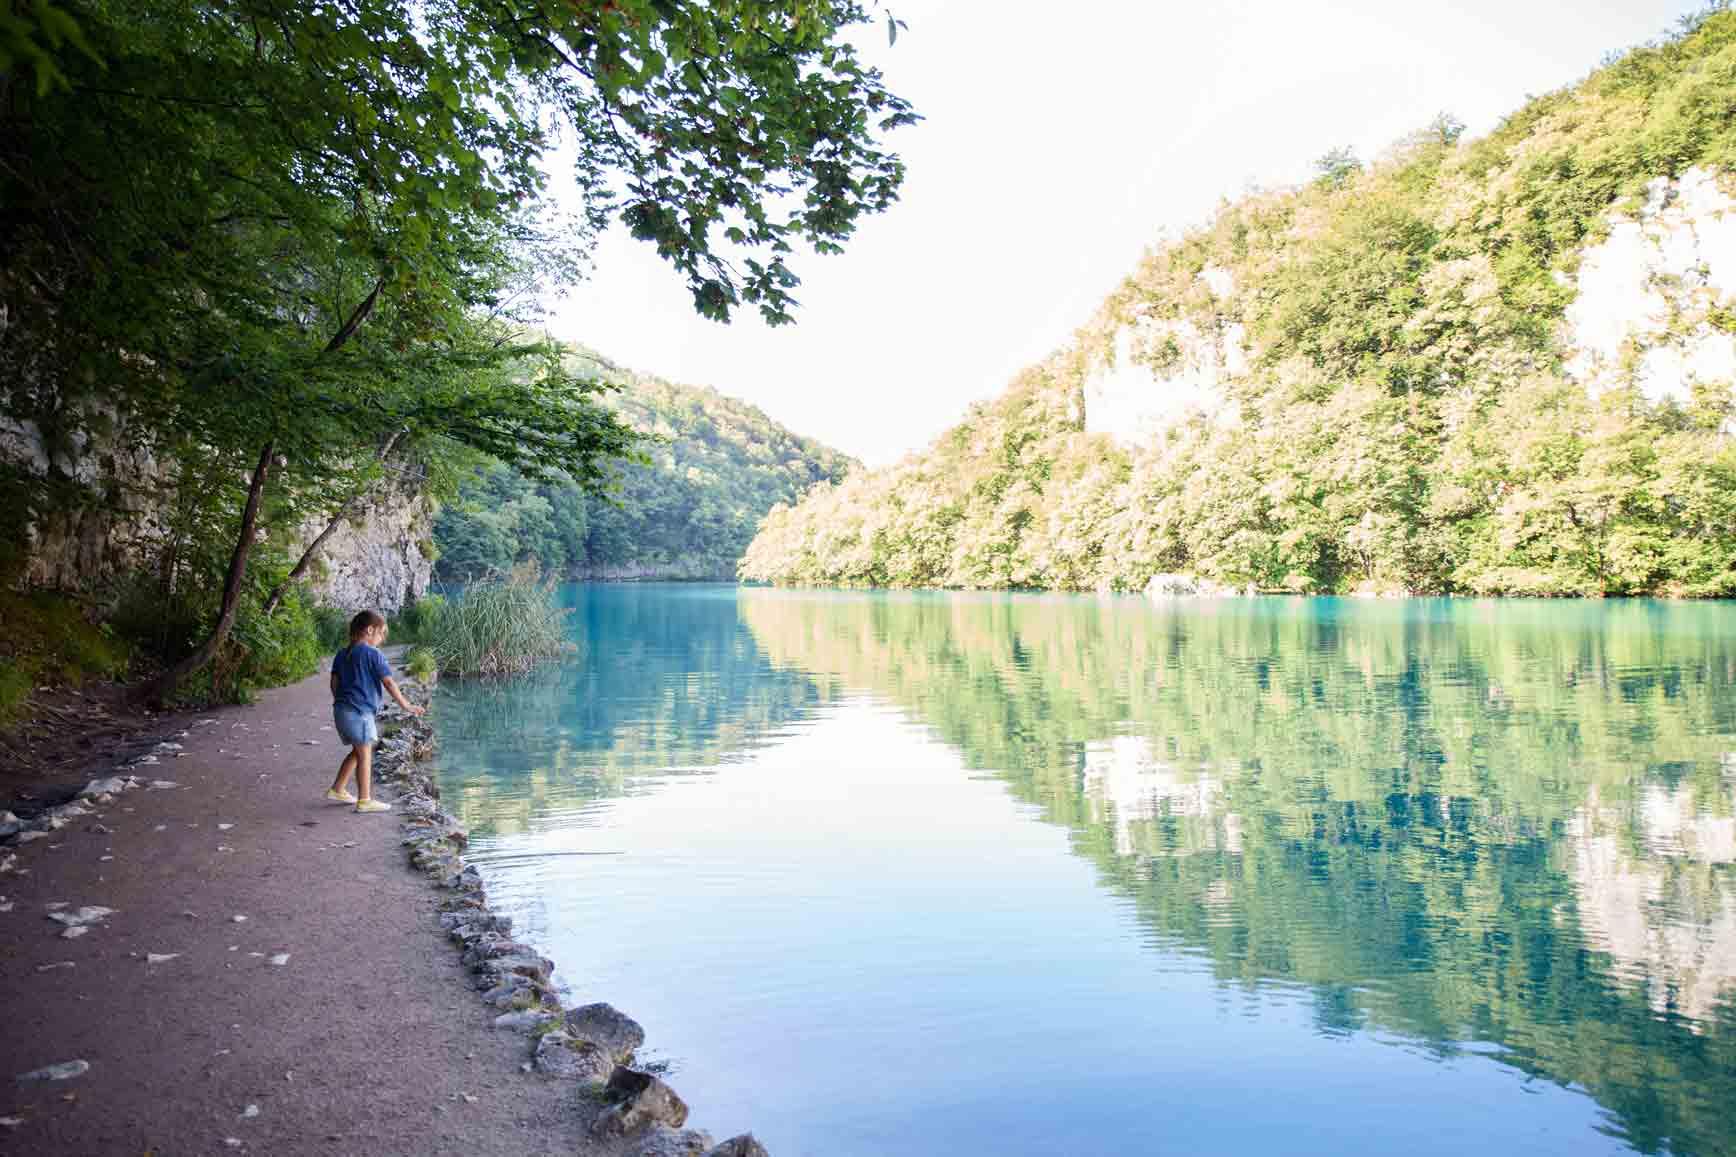 lagos-de-plitvice_claraBmartin_12